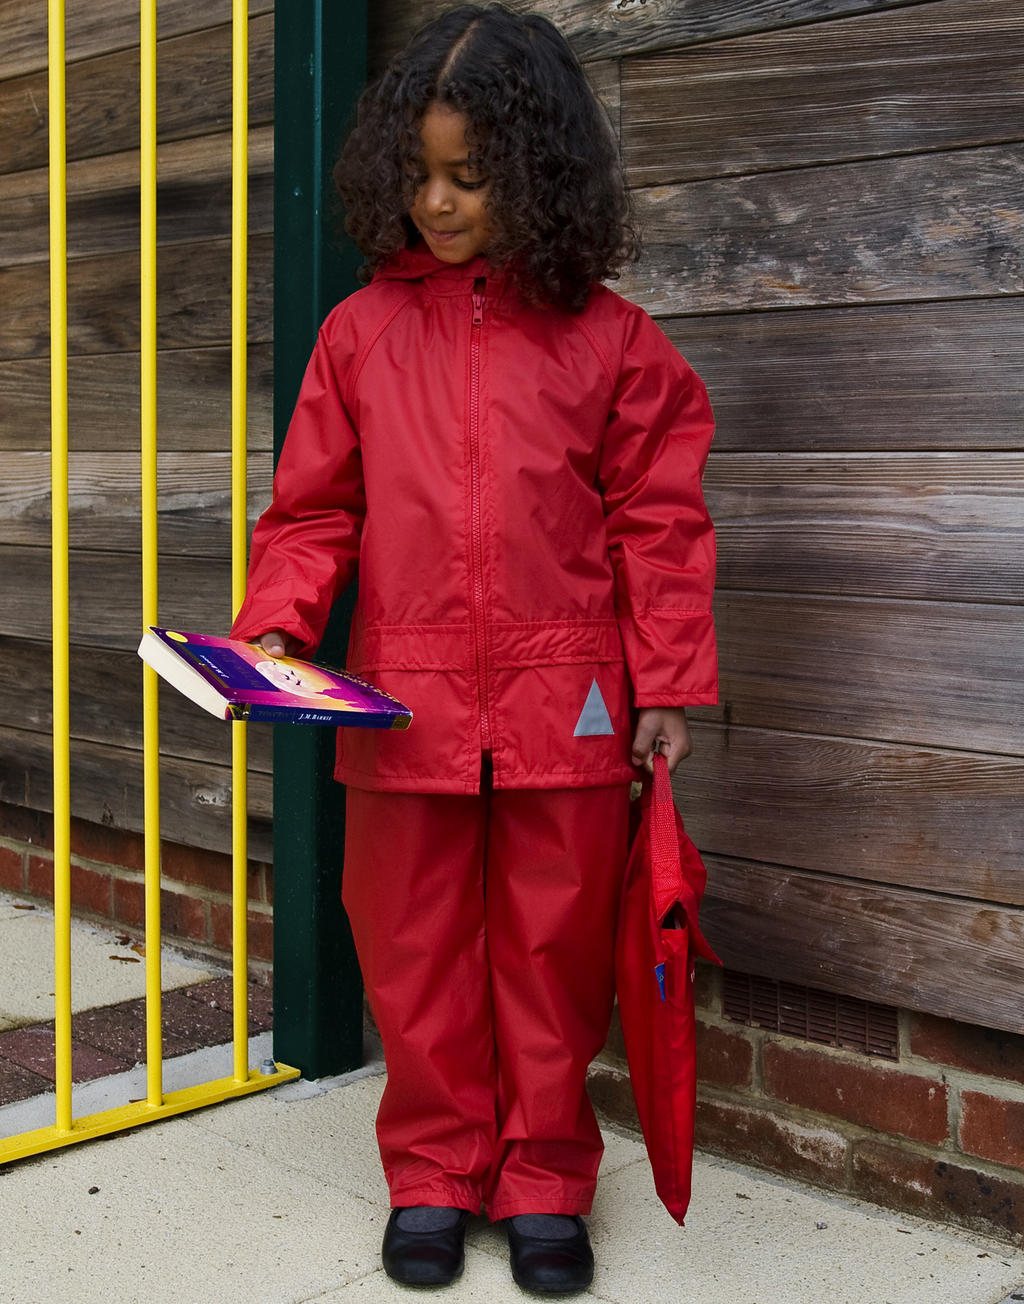 R095J Detské oblečenie do zlého počasia komplet